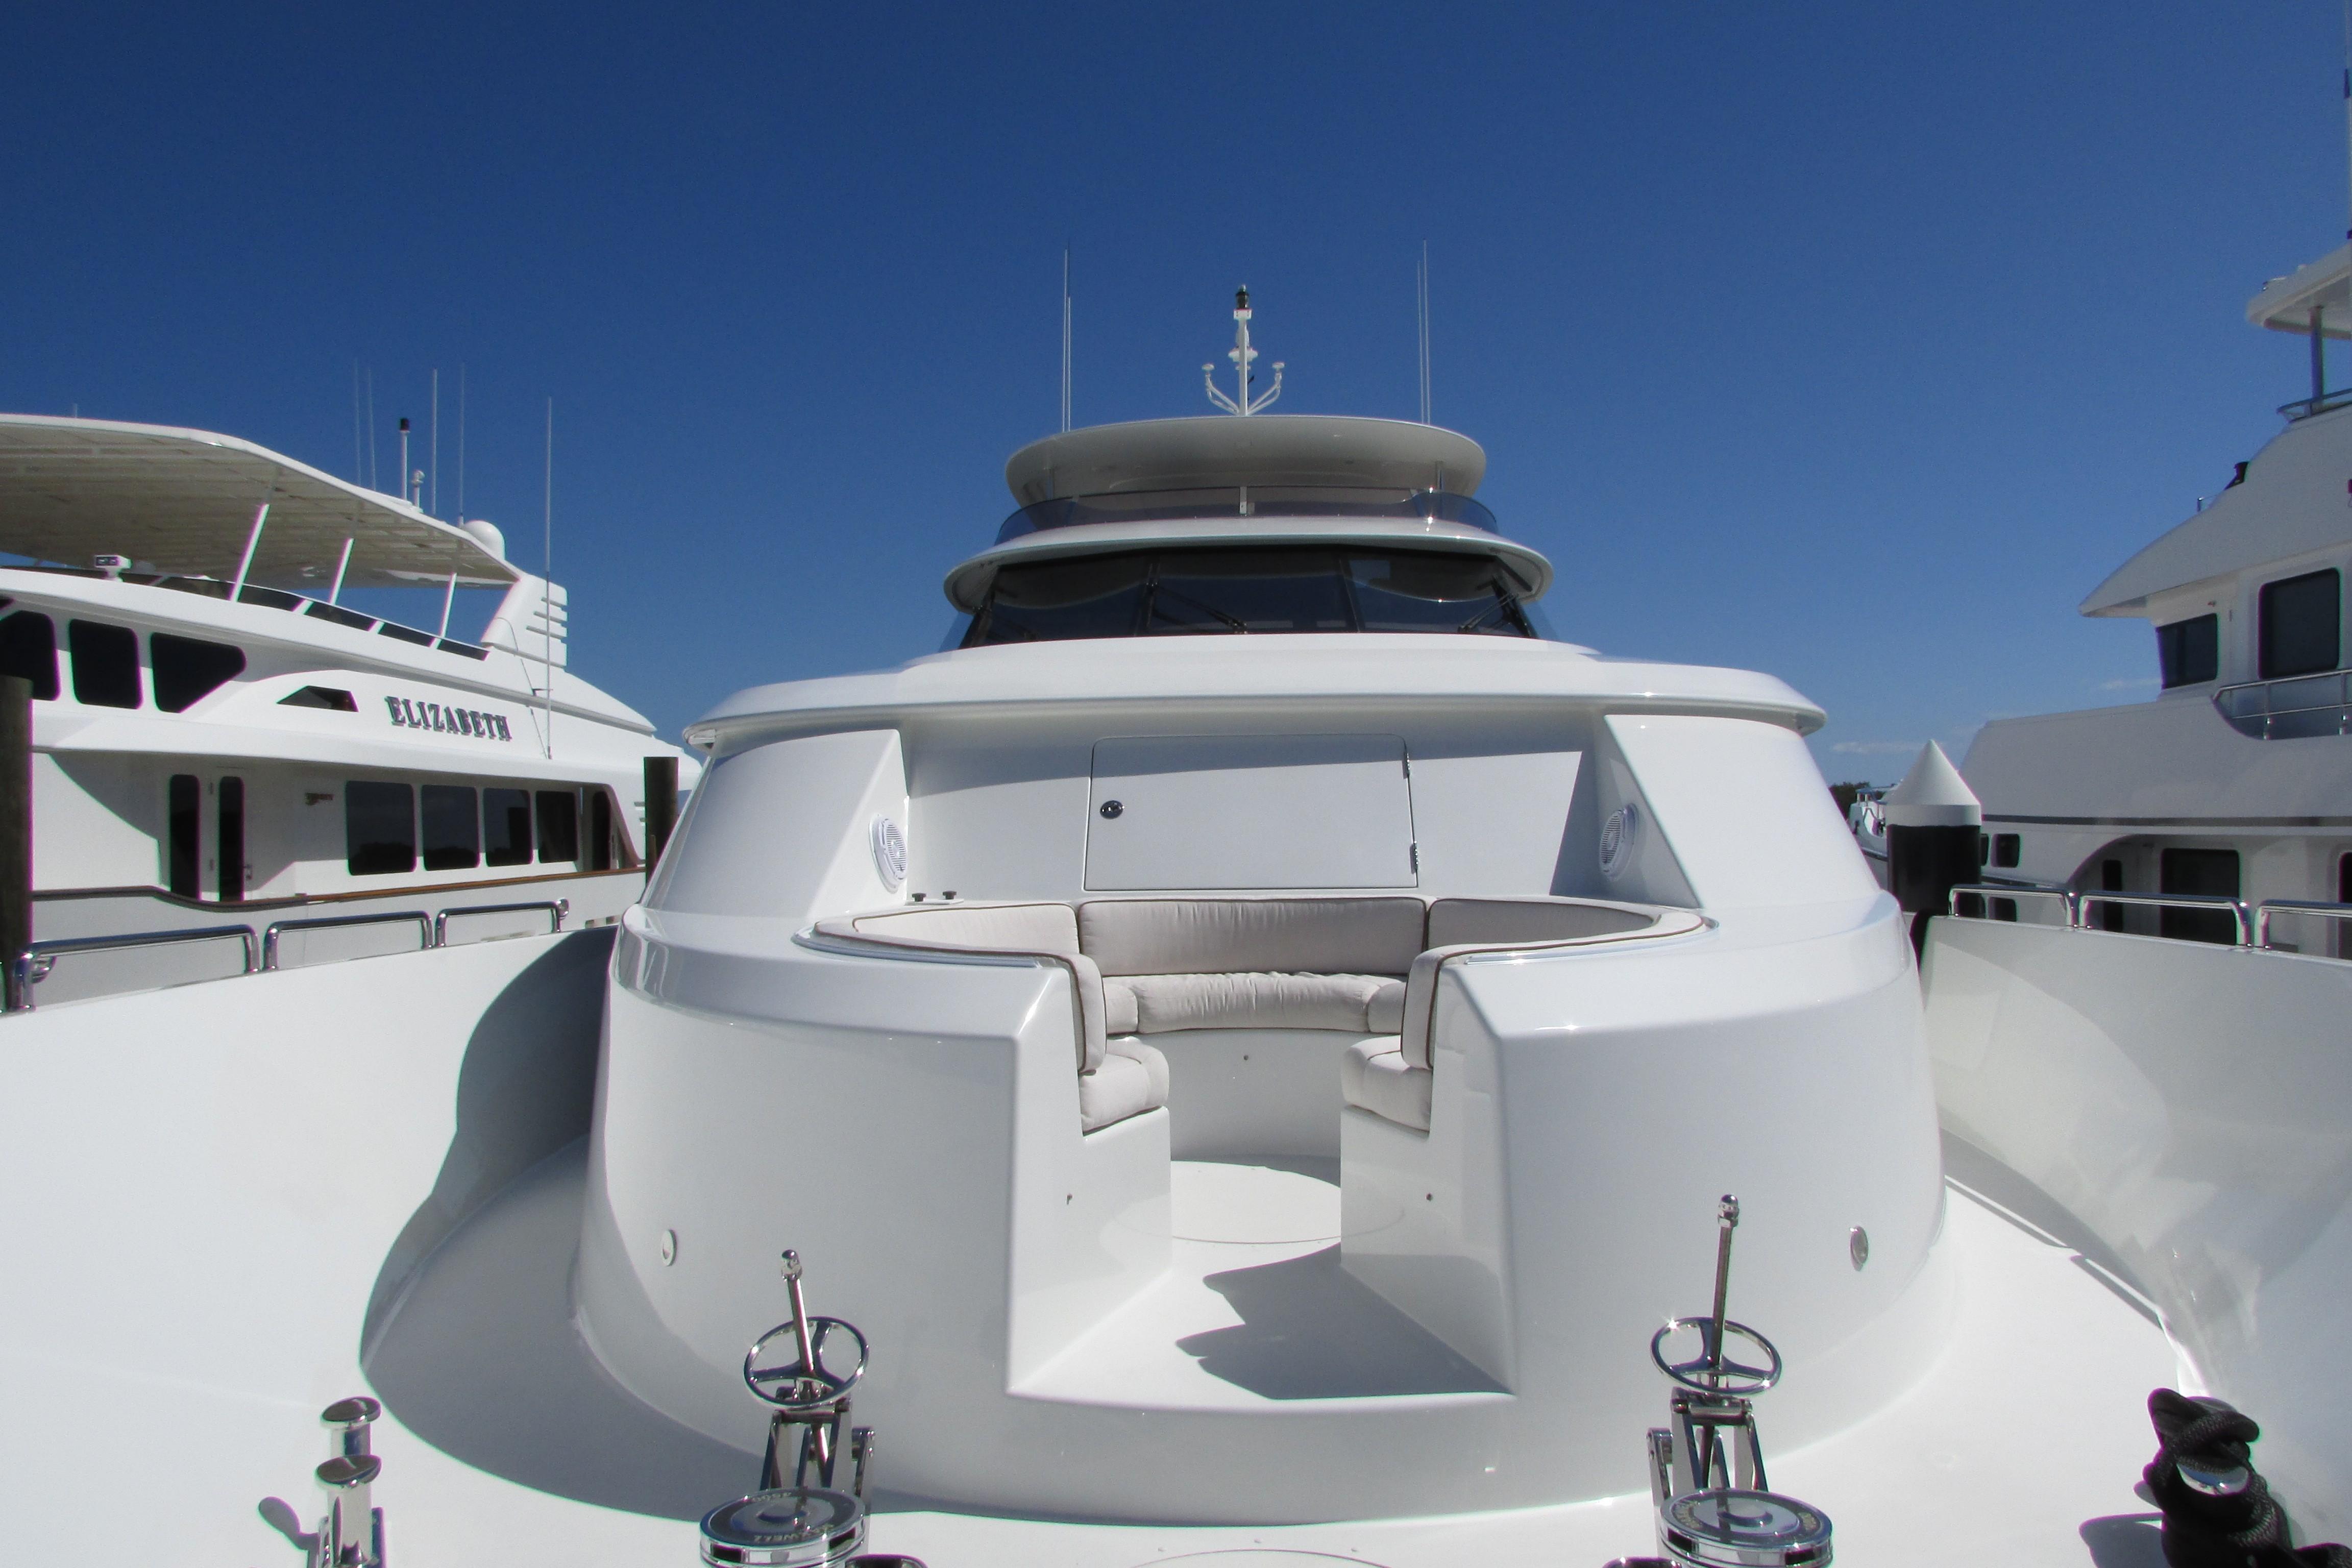 castlefinn westport 2012 westport 112 112 yacht for sale in us baja wiring diagram 112 westport bow seating